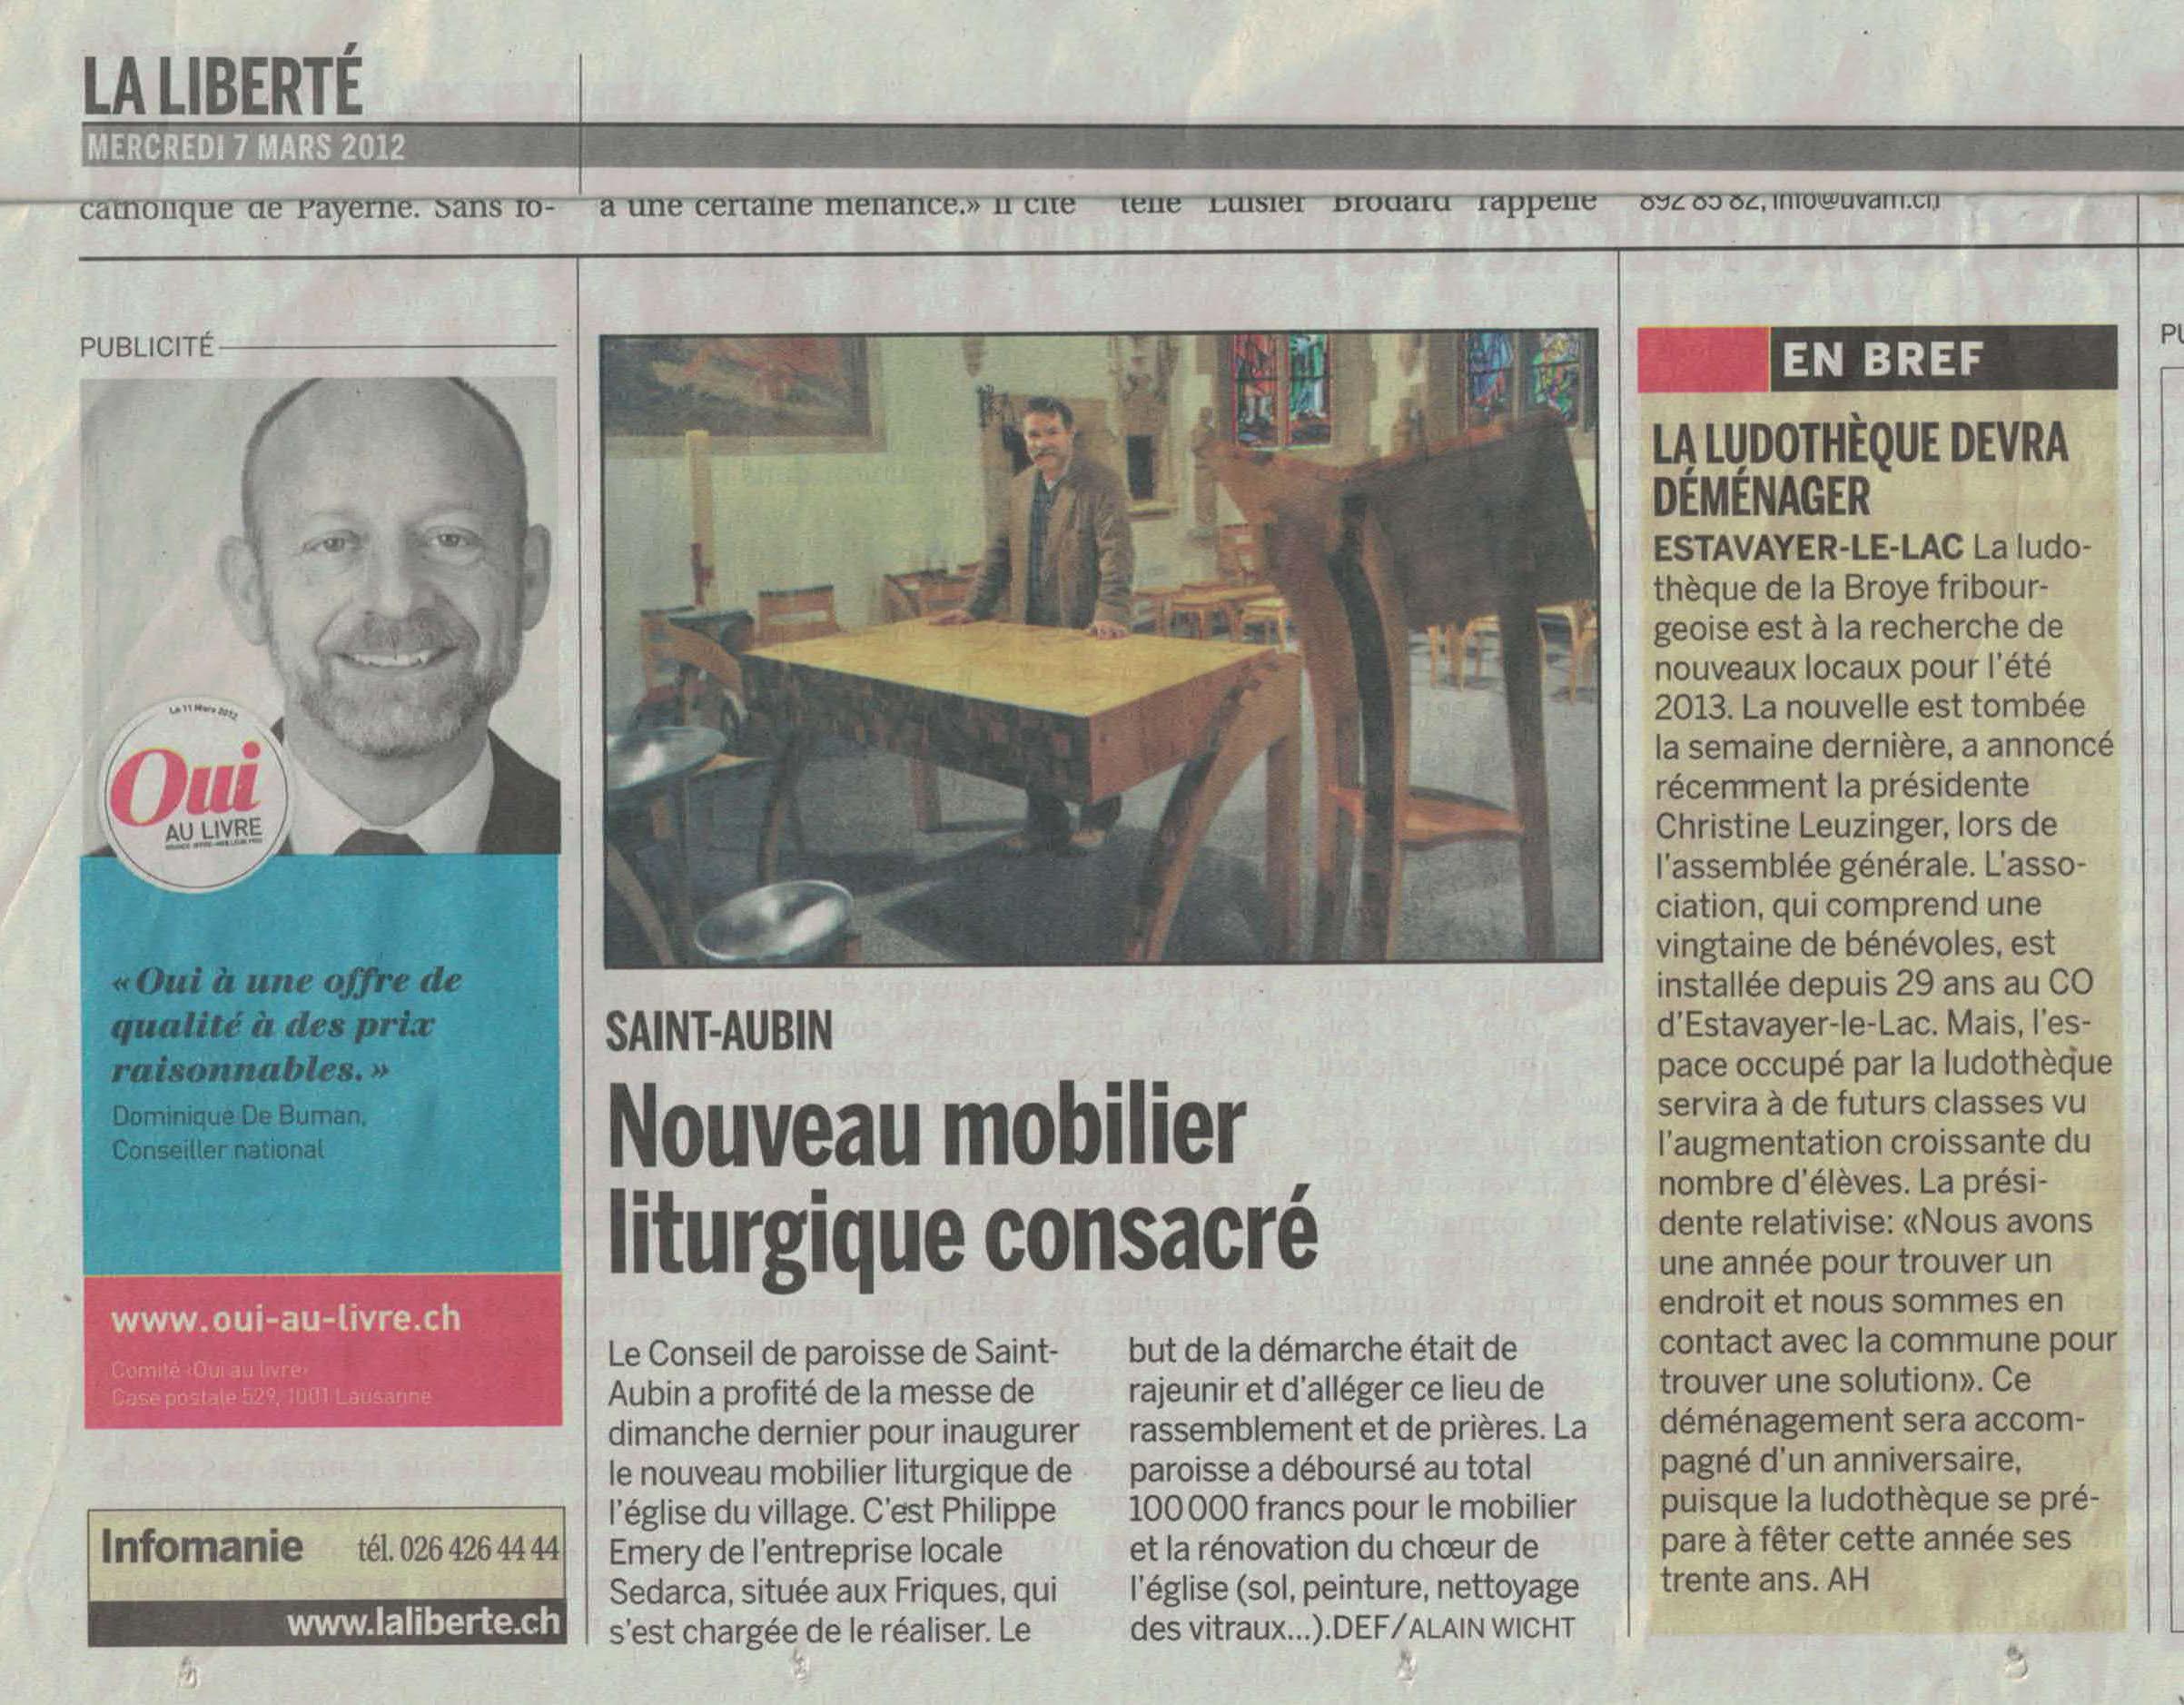 article du 3 mars 2012 du journal La Liberté